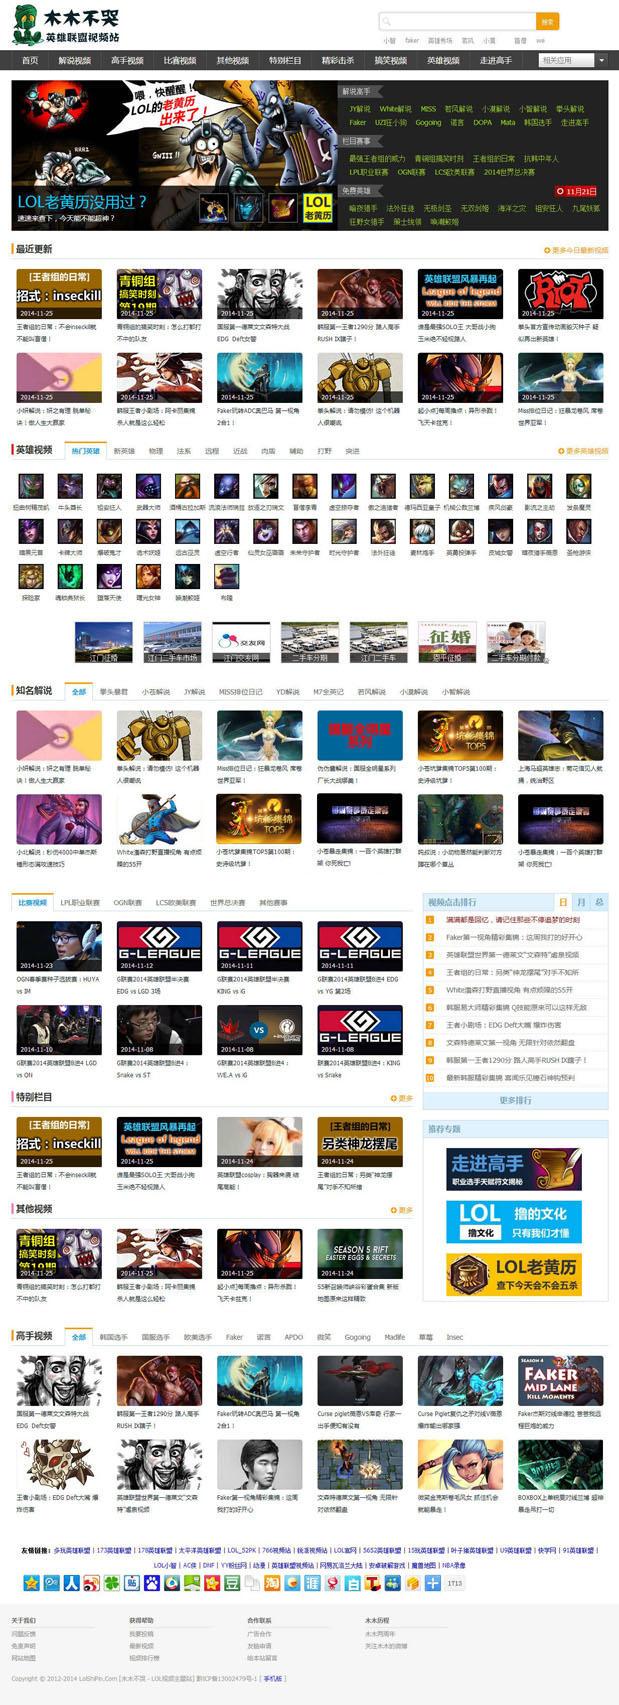 【php源码】最新lol游戏视频网站模板仿木木不哭网站源码